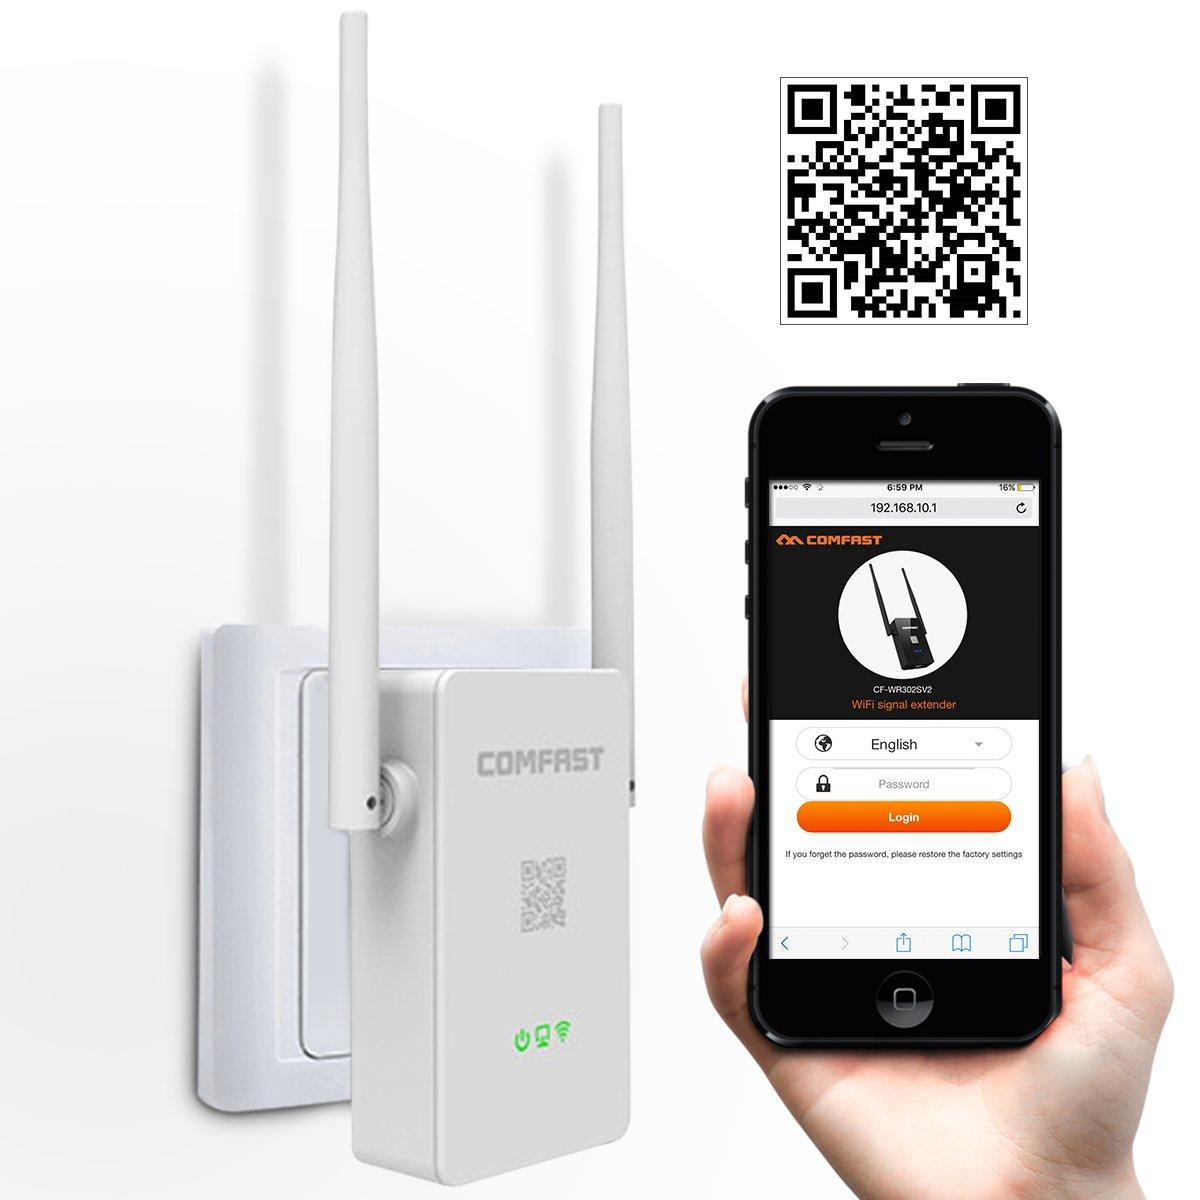 Repetidor WiFi, Meco Amplificador Wi-Fi (300 Mbit/s, 2,4 GHz, con Modo Ap/Repetidor Modo de/Router de Modo) WiFi Booster/WiFi Router wlani Range Extender ...